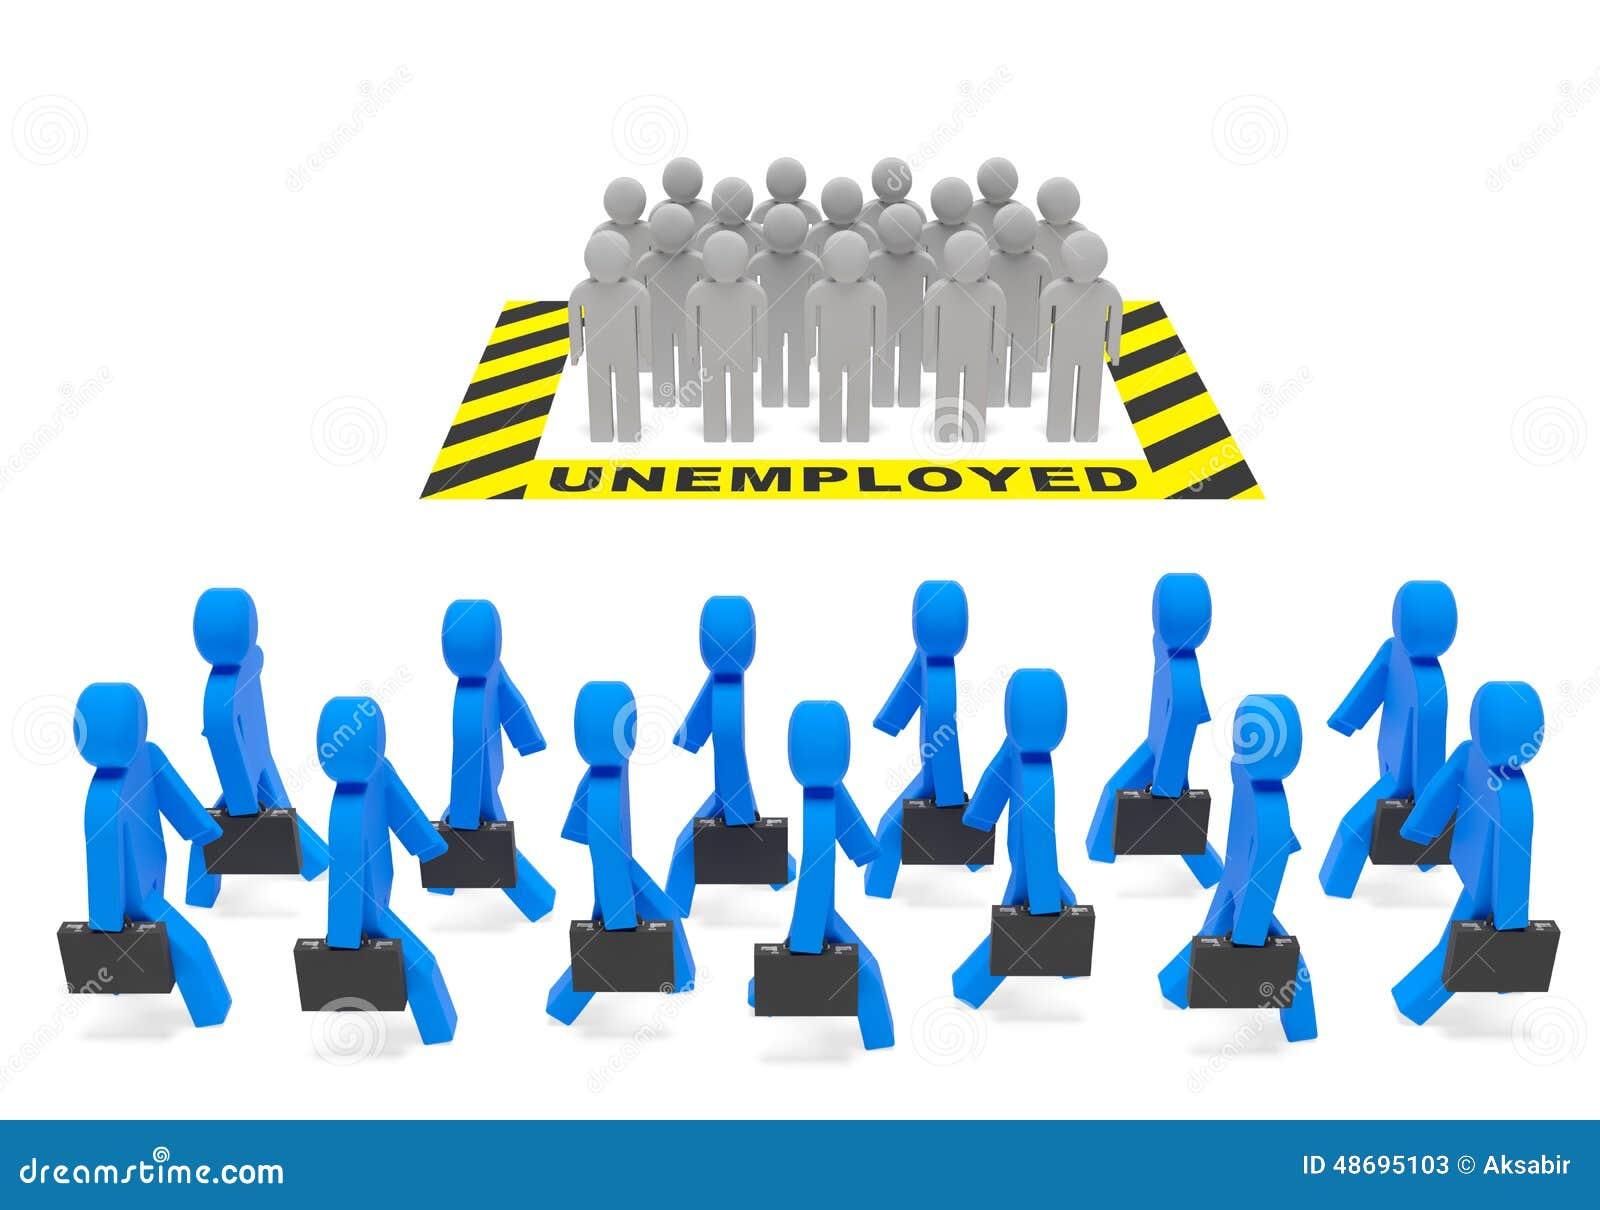 Unemployment People Clipart | www.pixshark.com - Images ...